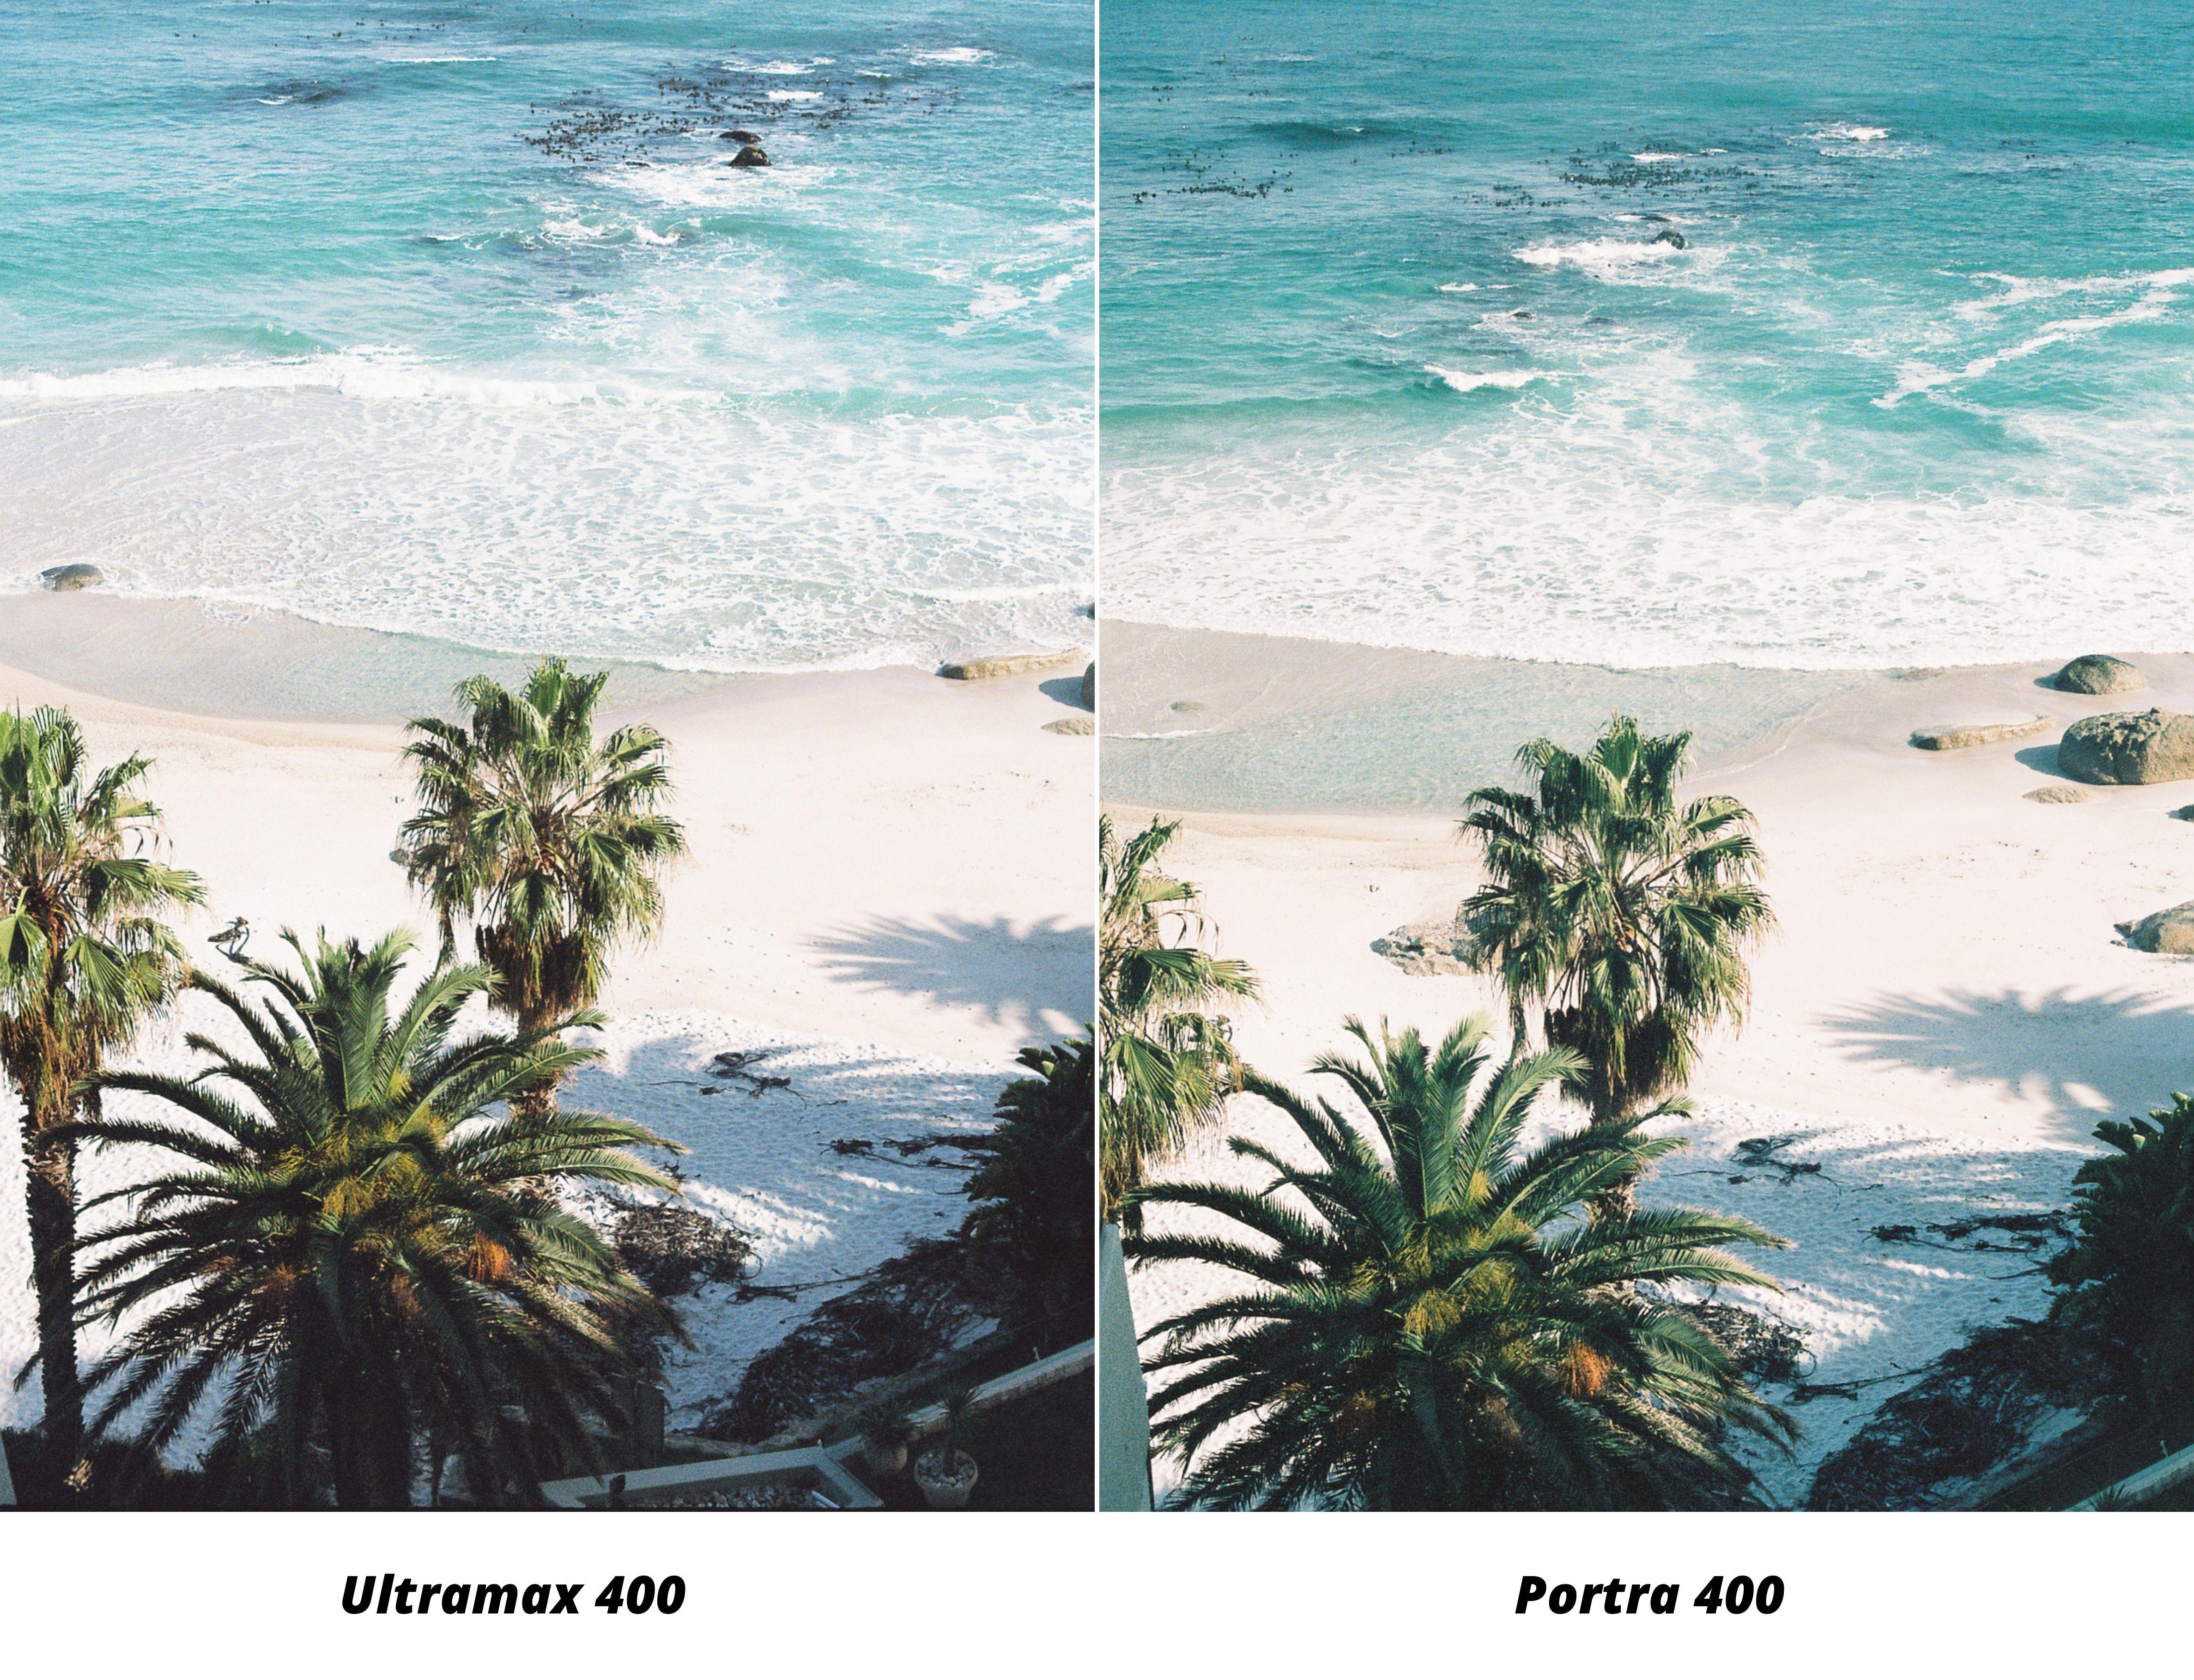 portra 400 vs Ultramax 400